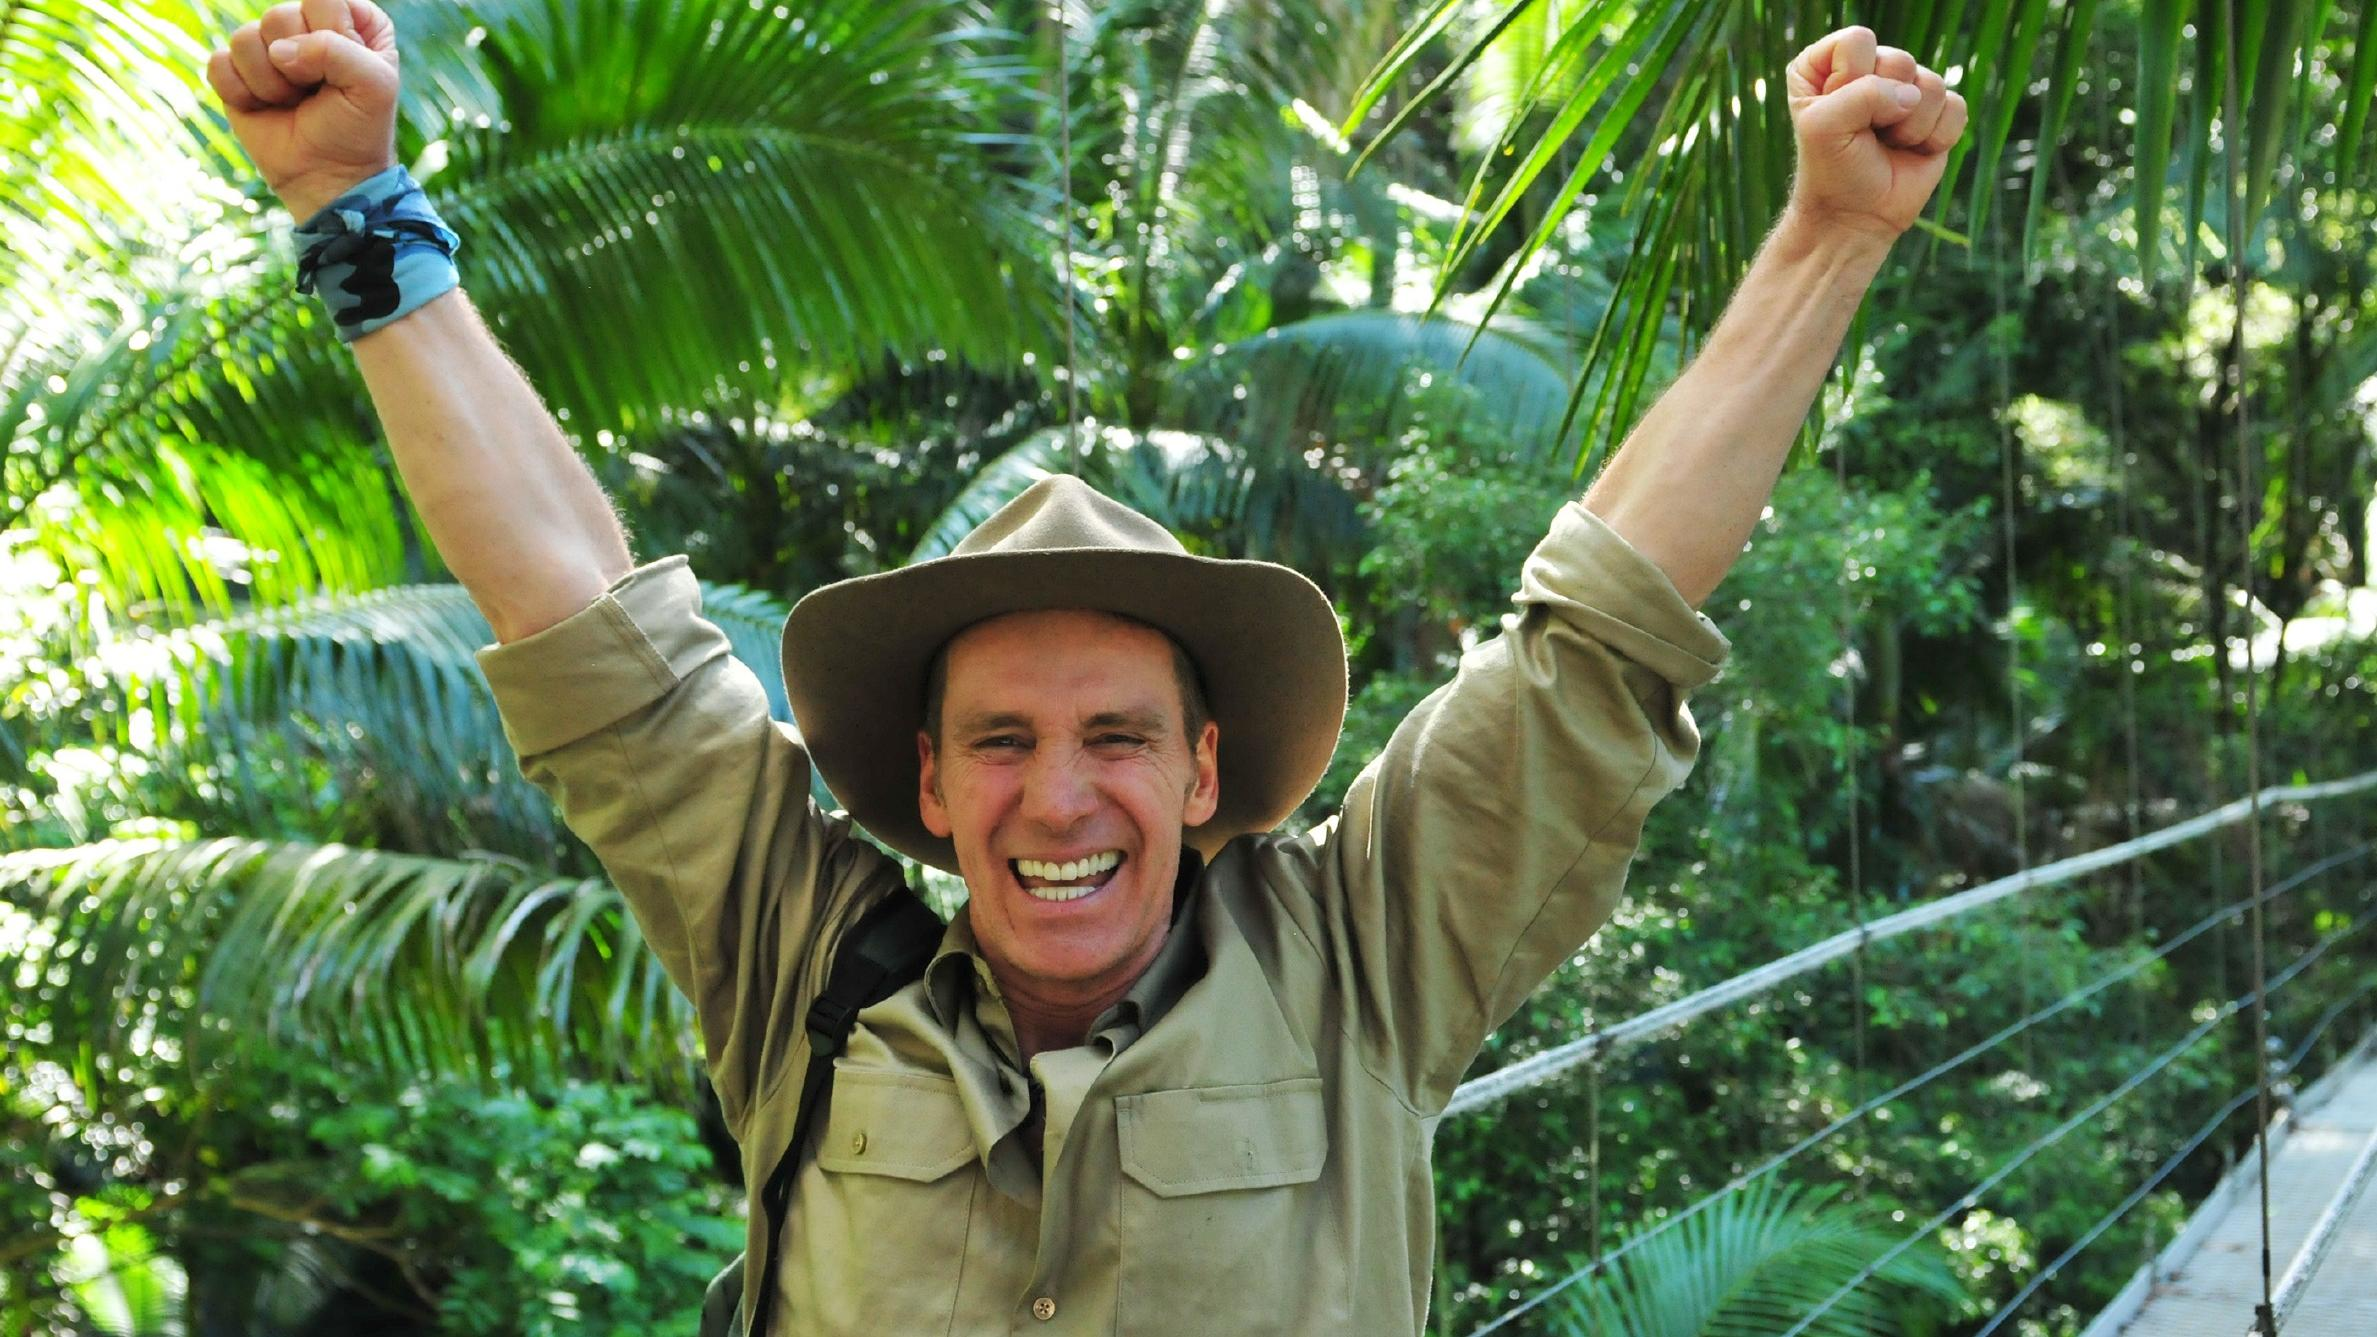 Dschungelcamp 2019 Jurgen Milski Erzahlt Die Wahrheit